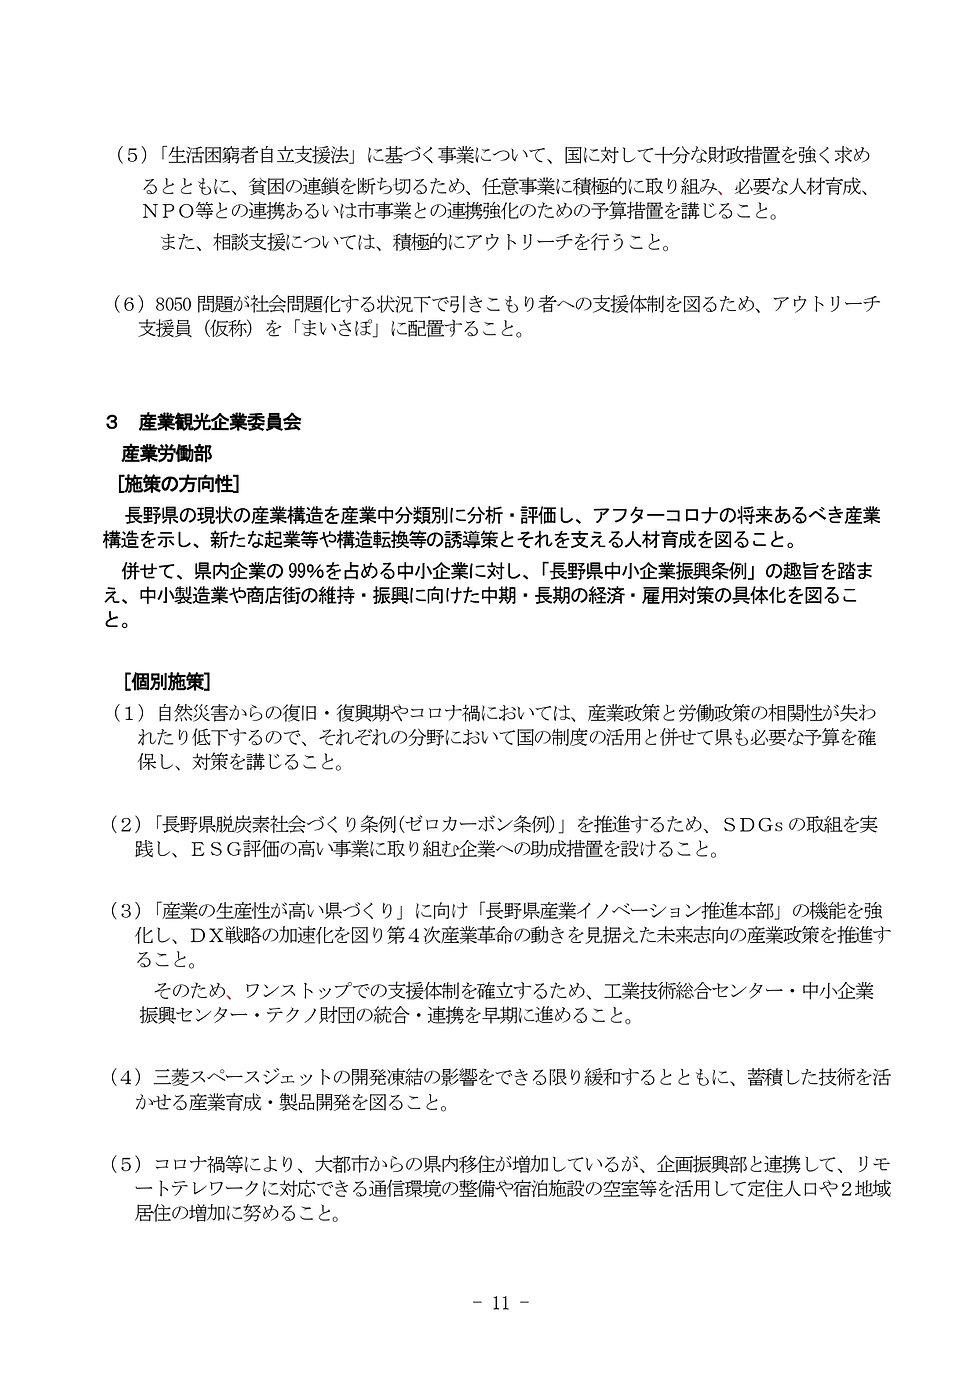 令和3年度予算編成と当面の課題に関する提案書_page-0011.jpg